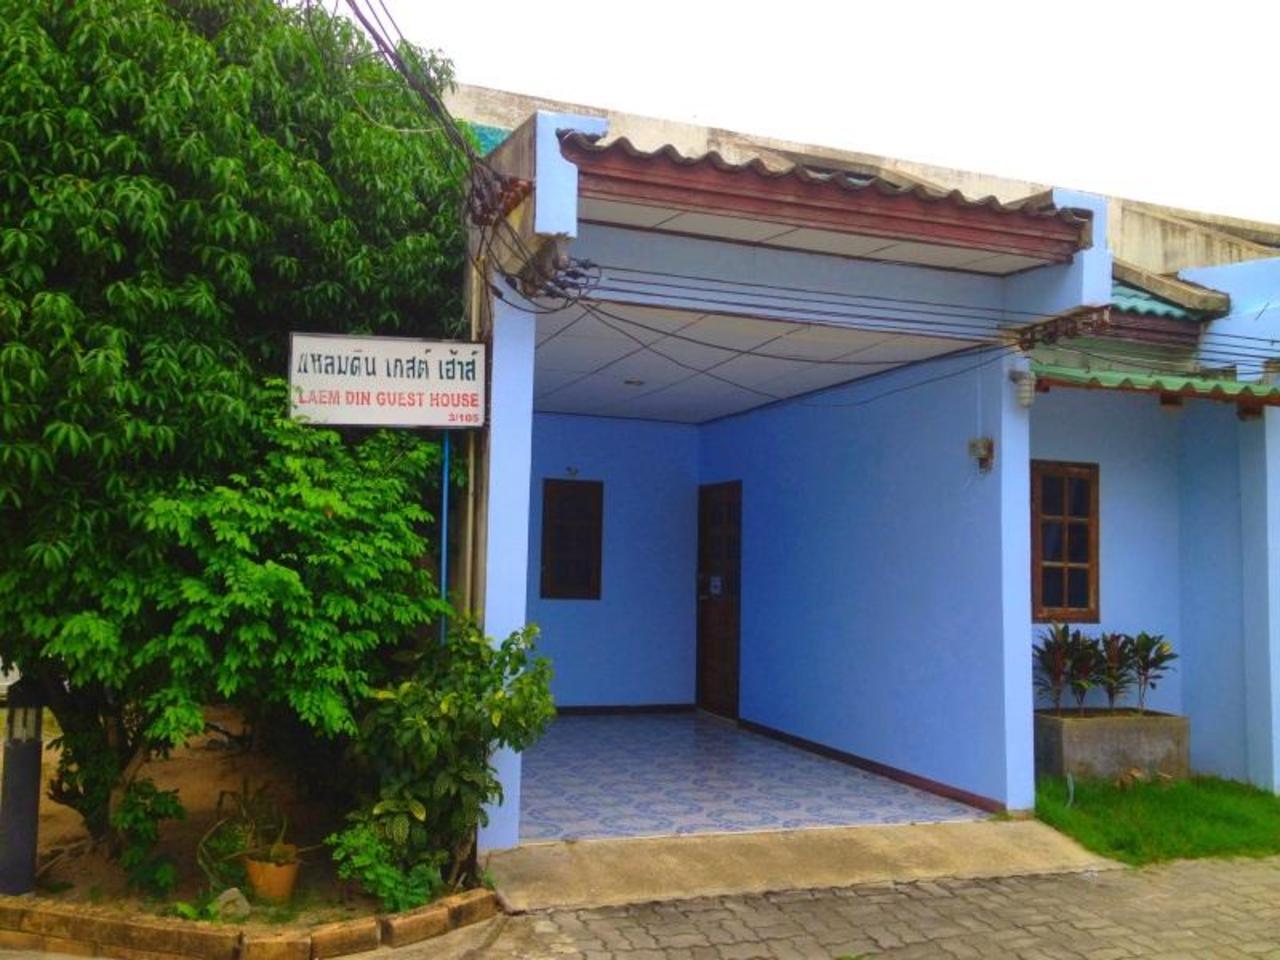 แหลมดิน เกสท์เฮาส์ (Laem Din Guest House)